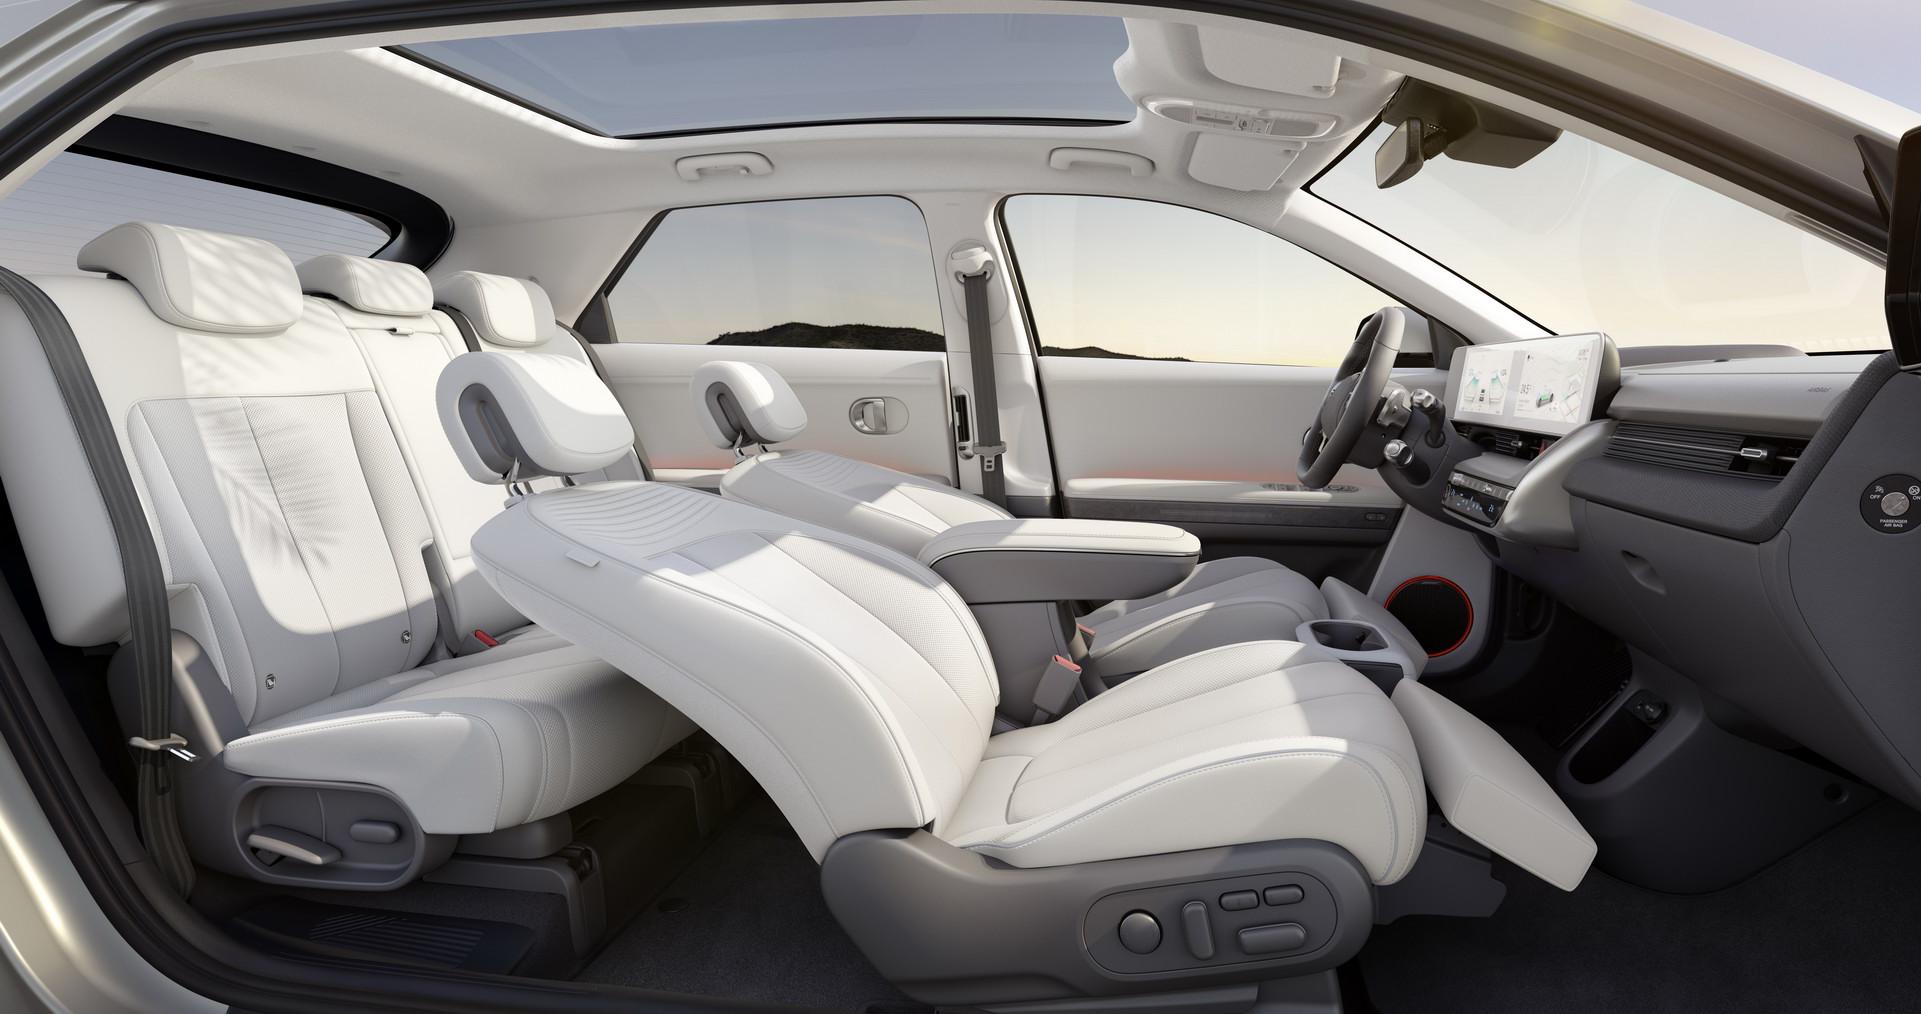 Xe điện hyundai Ioniq 5 2022 chốt giá từ 45.000 USD Hyundai Ioniq 5 2022 ra mắt với khả năng sạc cực nhanh hyundai-ioniq-5-26.jpg